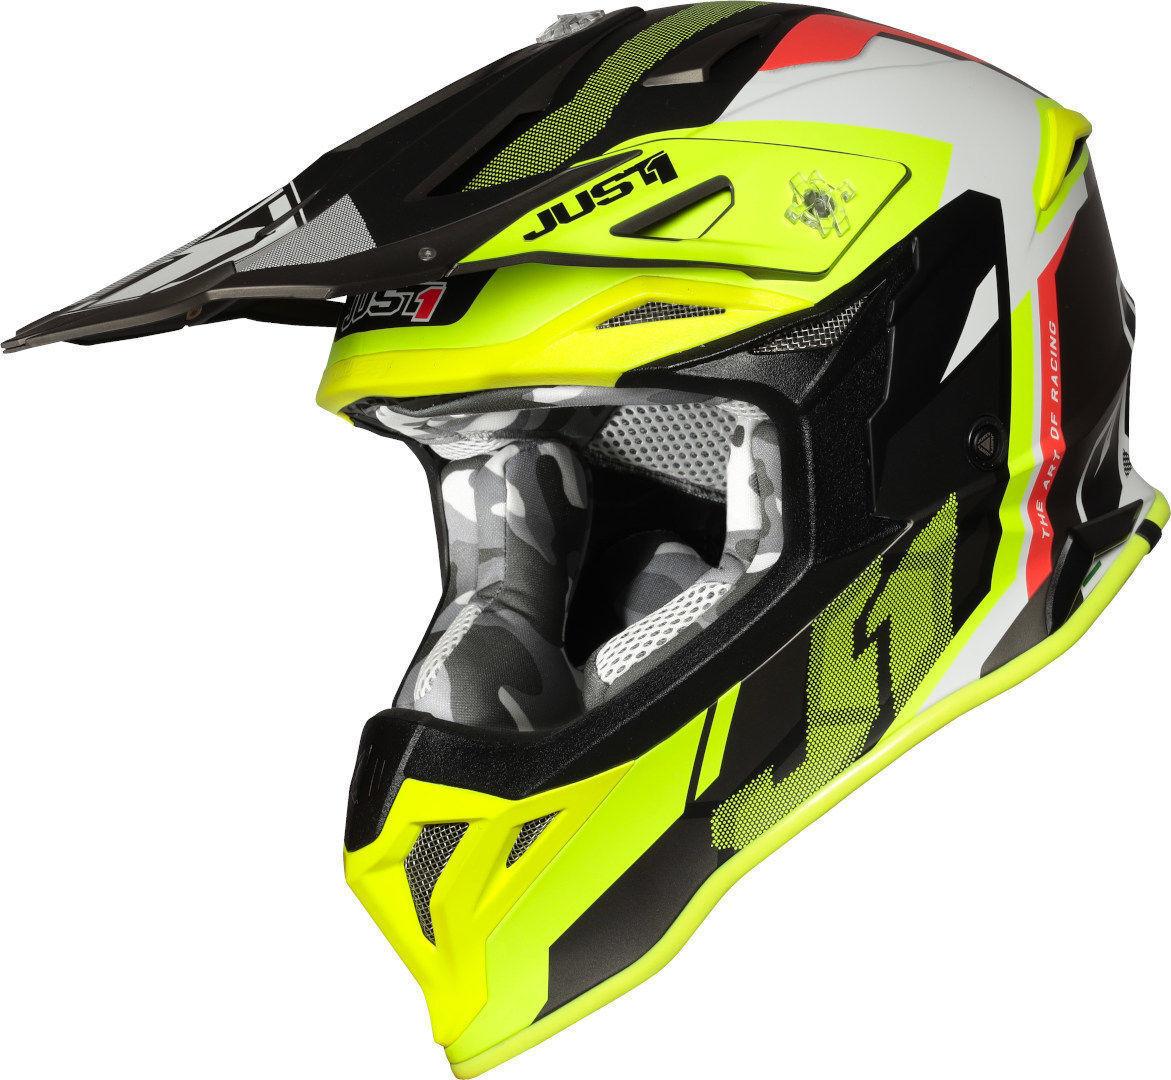 Just1 J39 Reactor Motocross kypärä  - Musta Punainen Keltainen - Size: XS